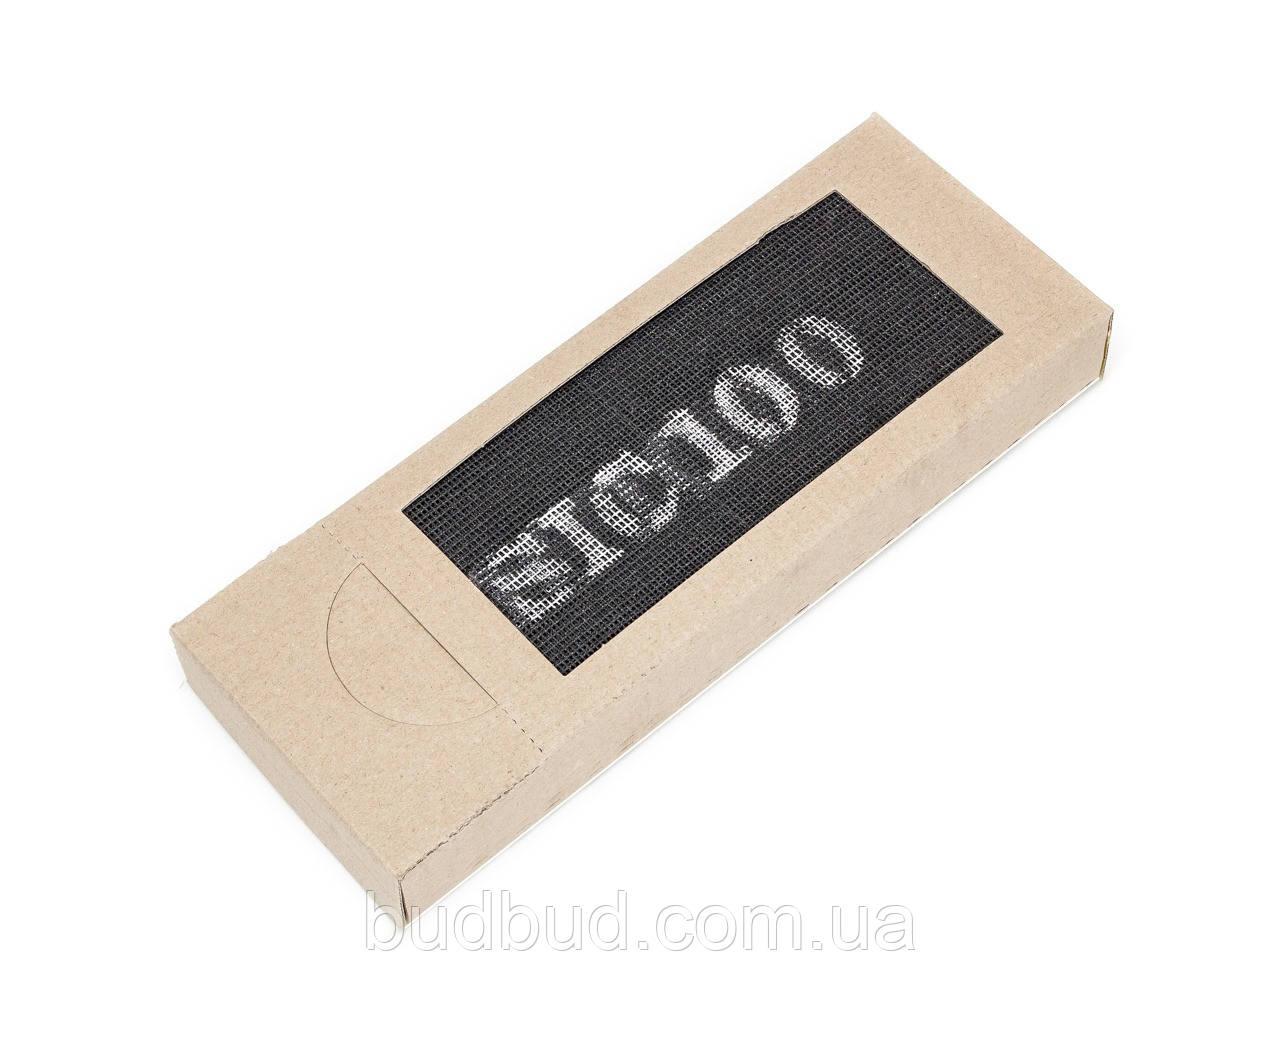 Сітка абразивна SIC P1500 (1000-173) POLAX (50шт/уп) 1 шт